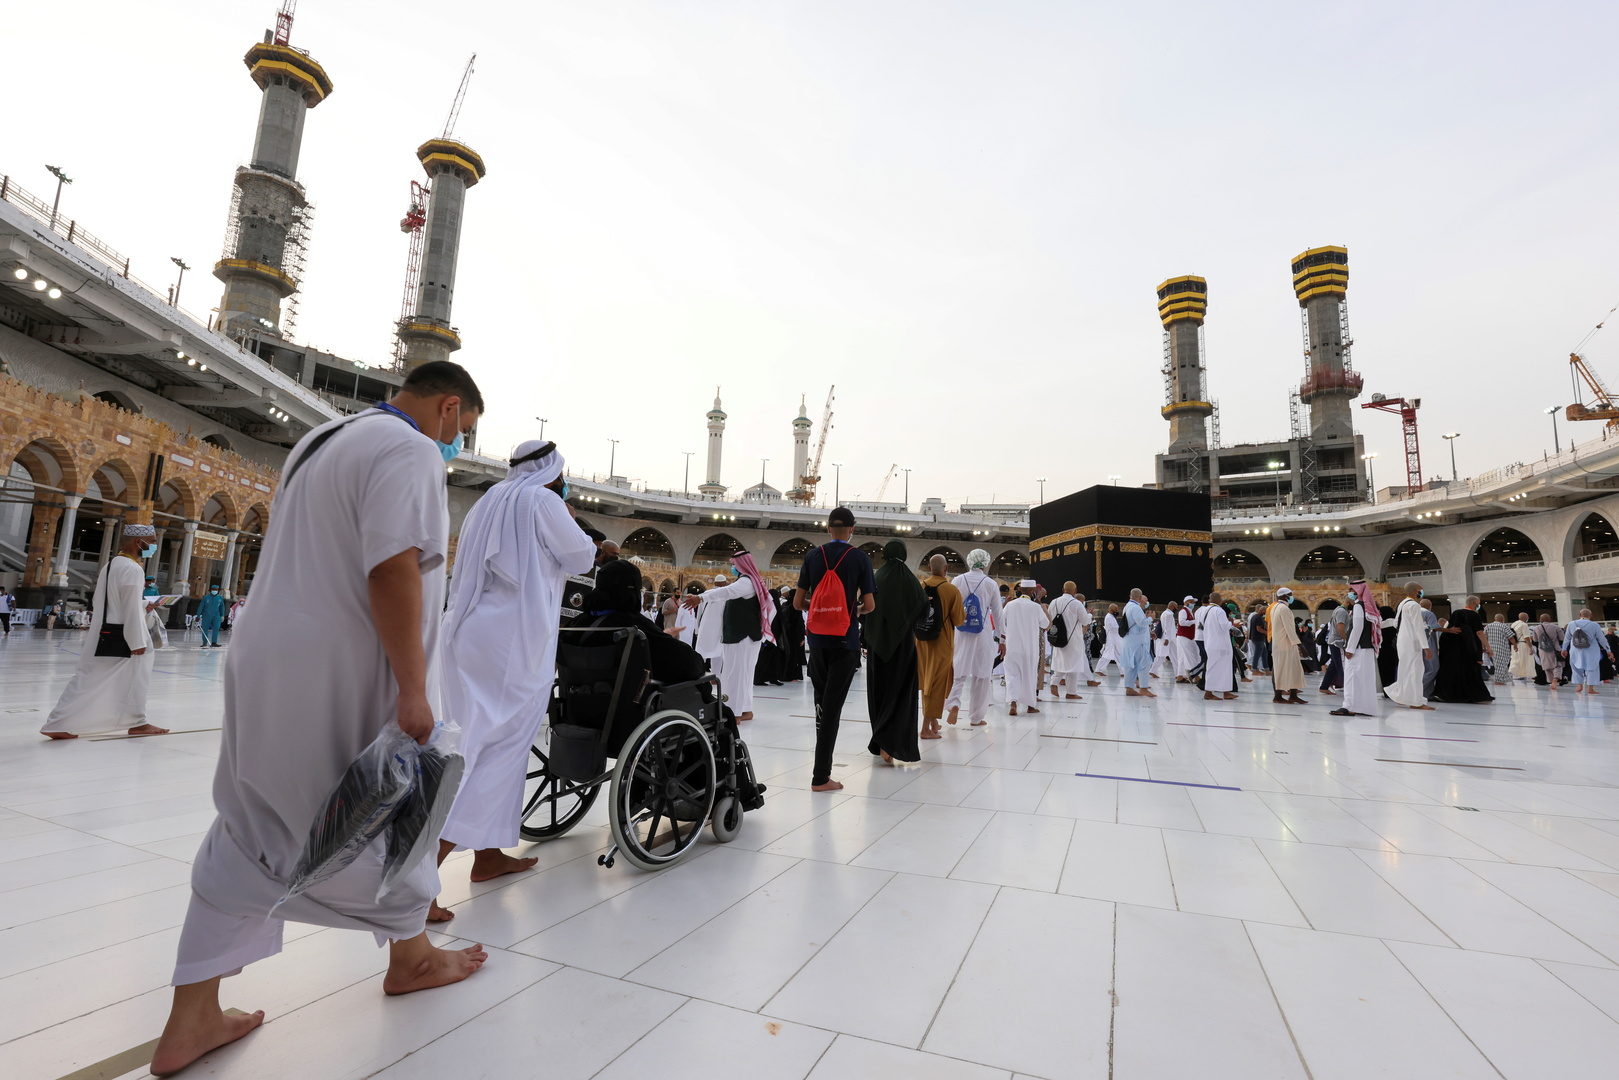 الحجاج يتوافدون إلى المسجد الحرام لأداء طواف الوداع (صور+فيديو)